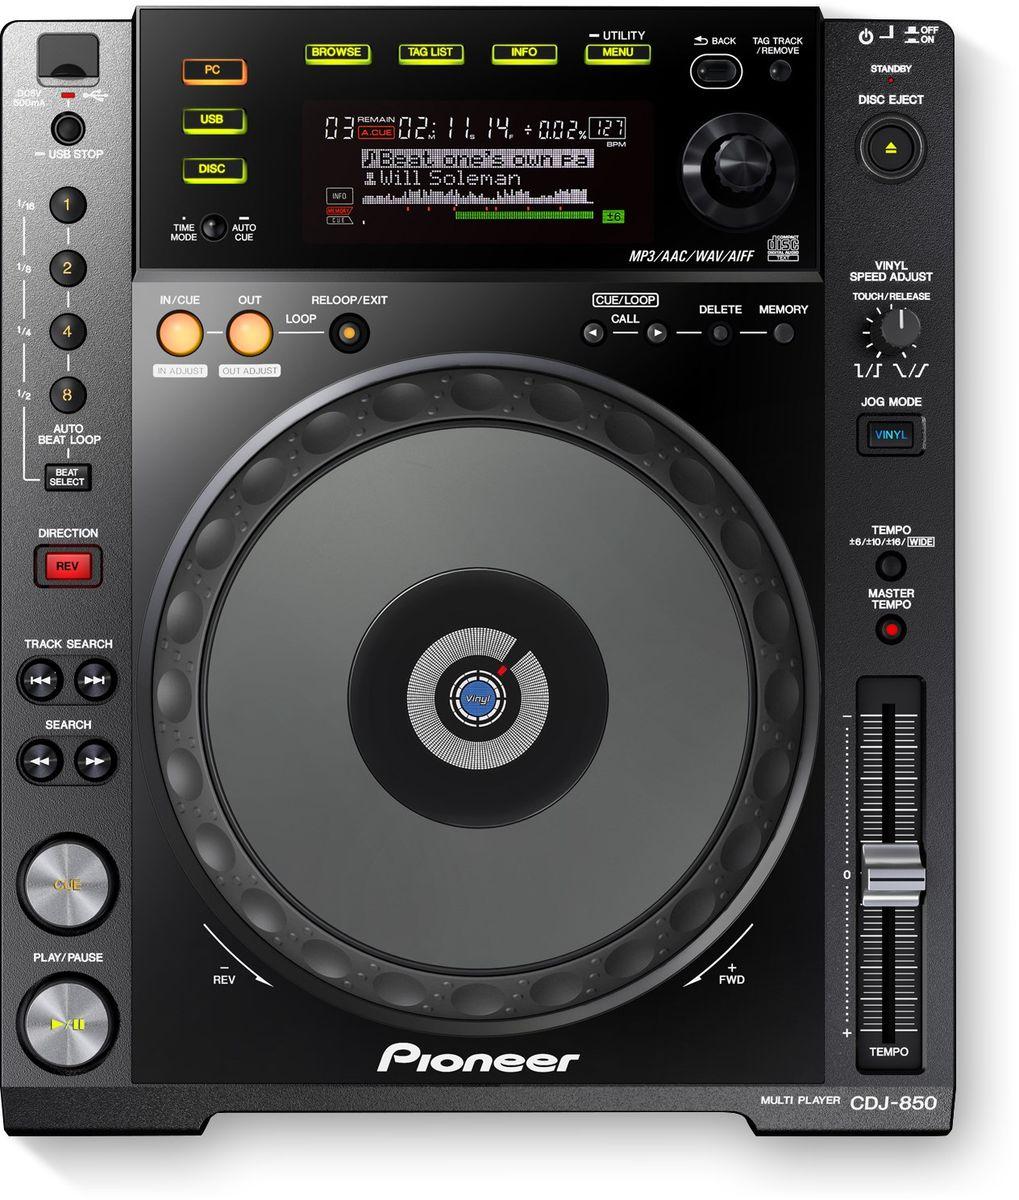 Pioneer CDJ-850-K DJ проигрыватель375310DJ-проигрыватель Pioneer CDJ-850-K с полноразмерным джогом выполнен в стильном черном цвете и идеально впишется в любой интерьер. Вы можете работать с CD, USB или напрямую с PC или Mac. Устройство имеет полноценный профессиональный джог диаметром 206 мм, который является индустриальным стандартом, и большой дисплей. USB HID интерфейс позволяет использовать плеер как контроллер для компьютерных программ. CDJ-850-K поддерживает файлы MP3, AAC, AIFF и WAV. Pioneer CDJ-850-K поставляется вместе с программой управления музыкальной библиотекой rekordbox. Программа анализирует BPM и позиции битов в треках, находящихся на компьютере, позволяя диджеям упорядочить музыку по жанрам, а также создавать плейлисты перед выступлением. Более того, треки и плейлисты можно легко перенести на компьютер через USB. Вы сможете редактировать свои плейлисты и непосредственно во время выступления. Функция Auto Beat Loop для идеальных петель: при нажатии кнопки...